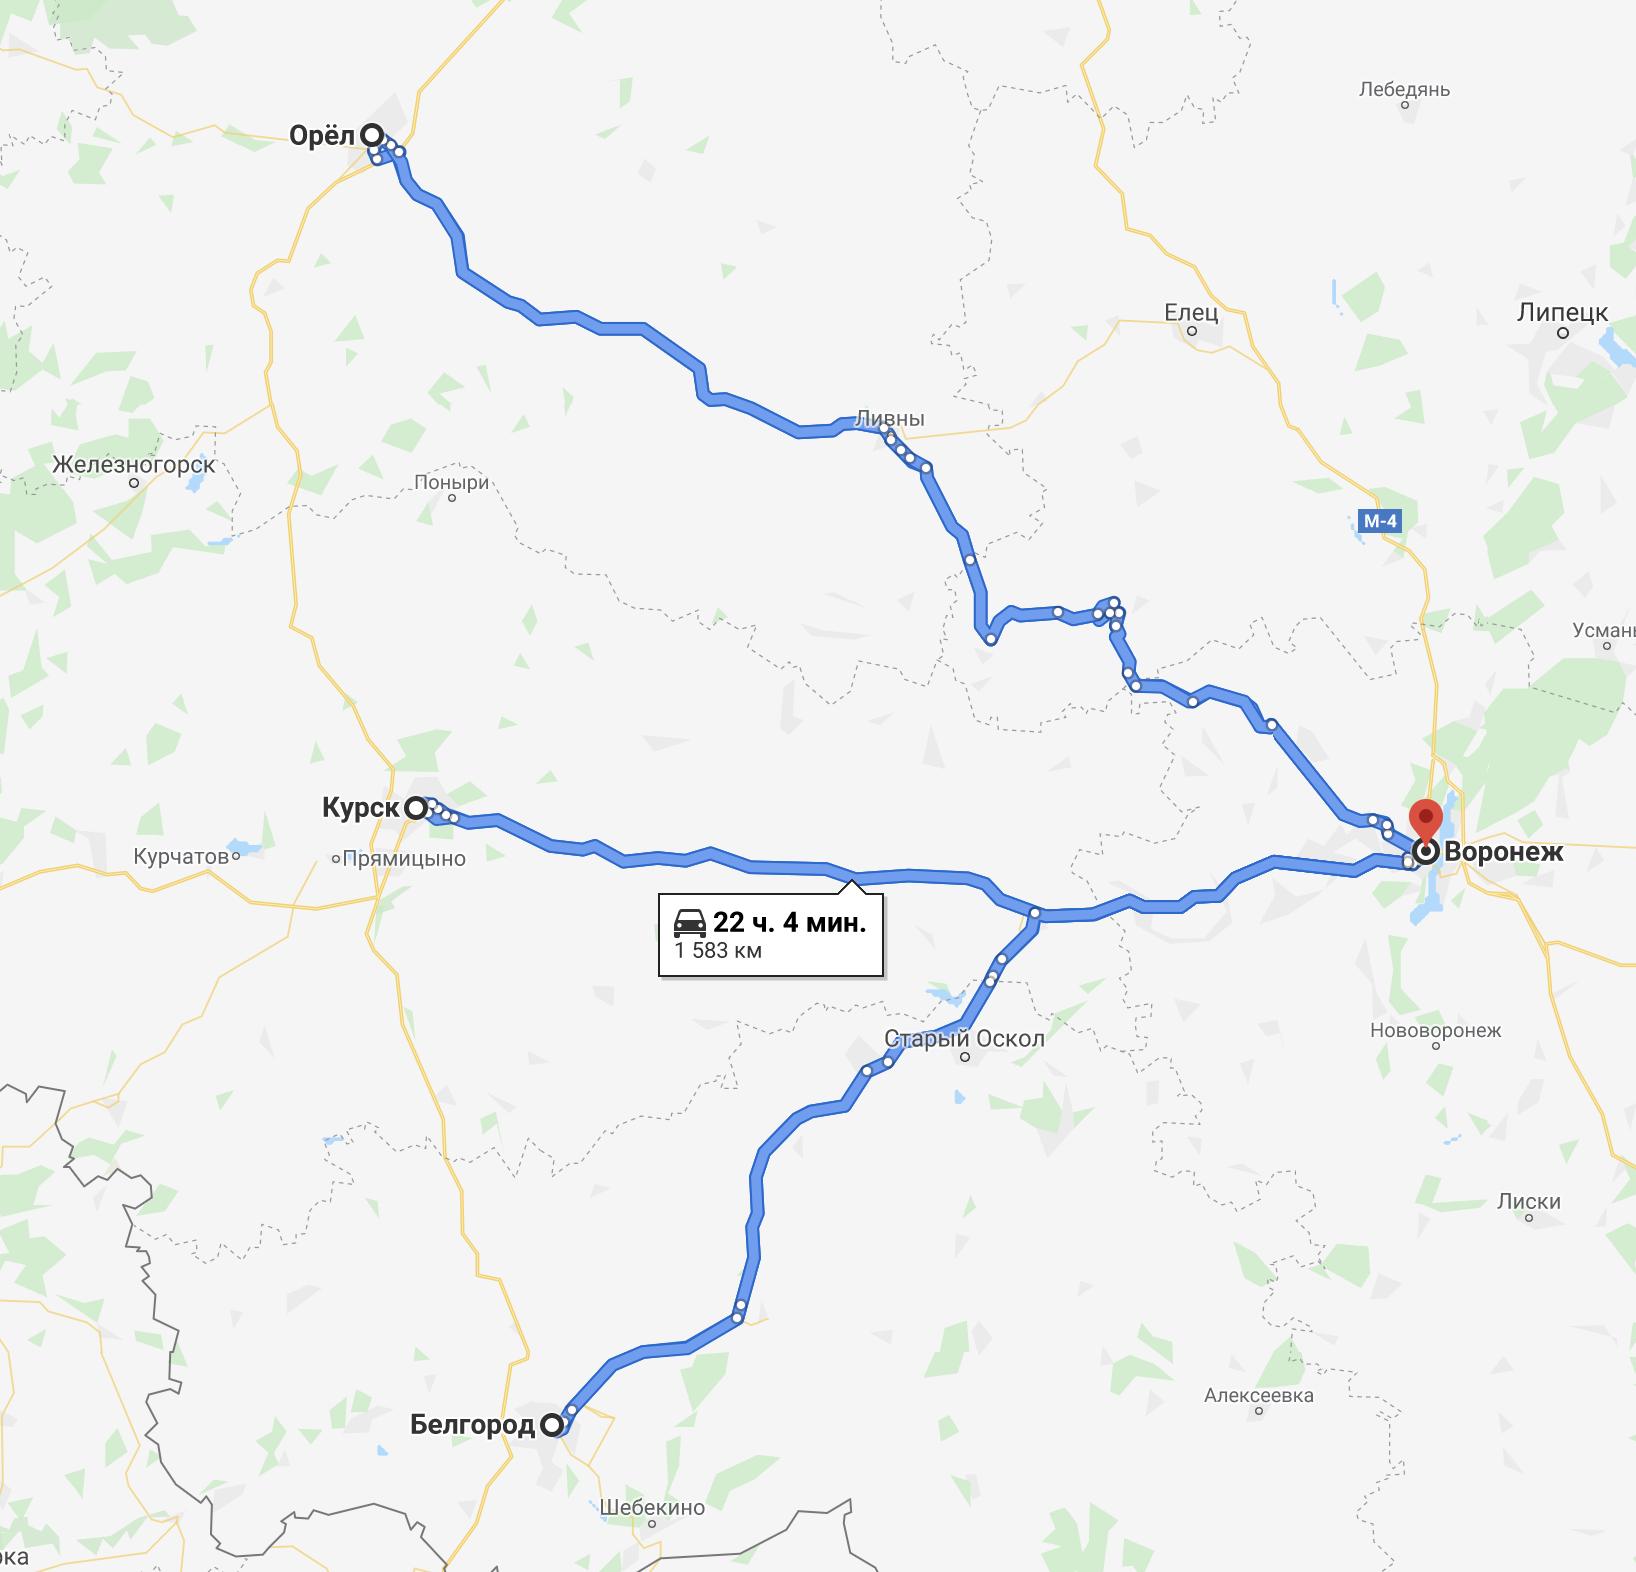 Радиальный маршрут: съездили из Воронежа в Орел и обратно. По такойже схеме посетили Курск и Белгород, каждый раз возвращаясь в Воронеж. Пробег почти в два раза больше, чем на круговом маршруте — 1583км